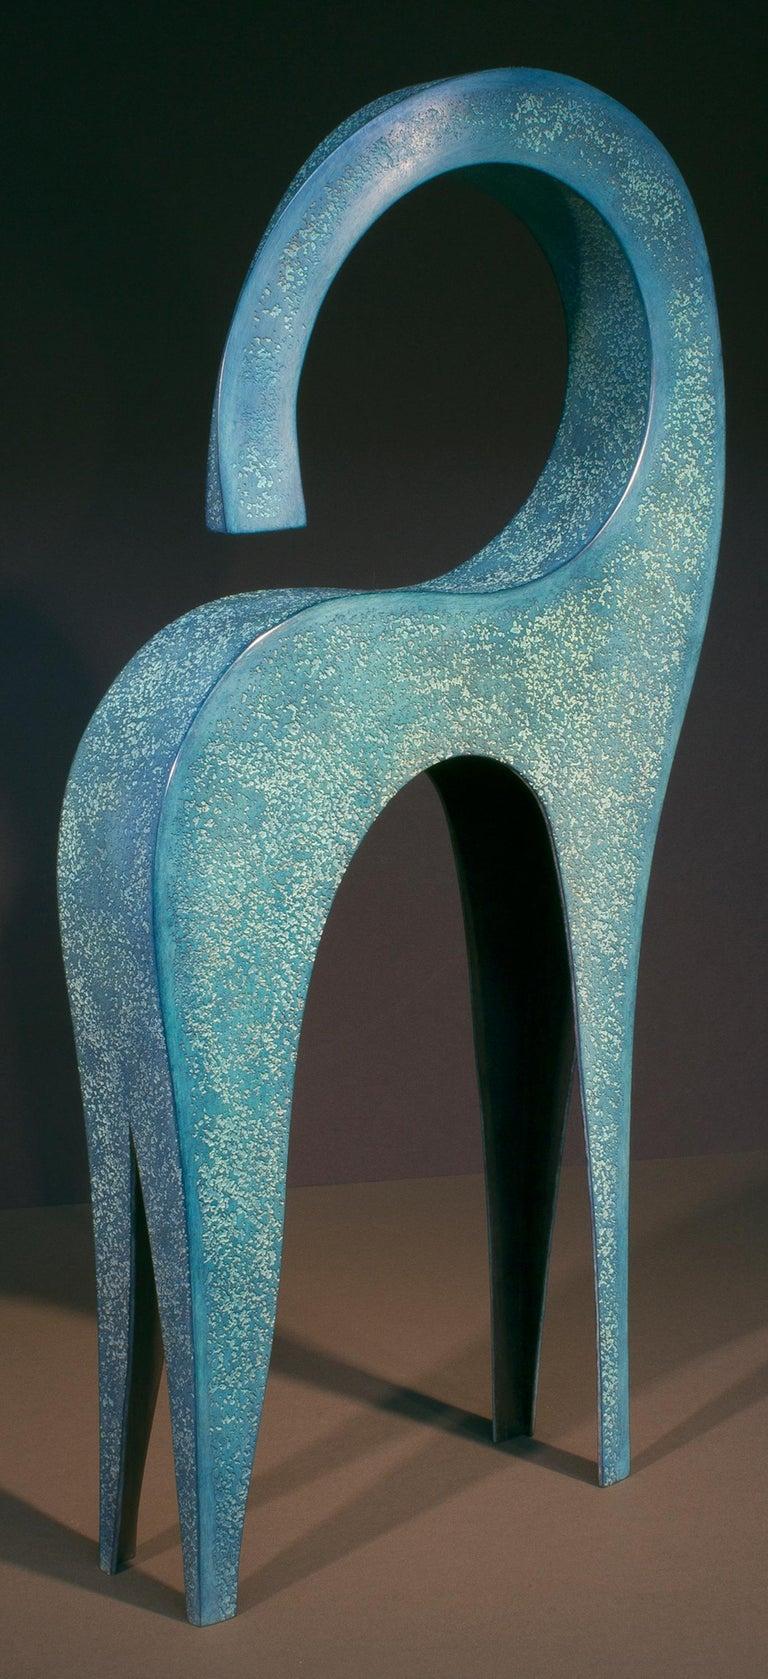 Dansa, abstract sculpture, blue patina, copper, unique, figurative, textured - Sculpture by Jeffrey Maron